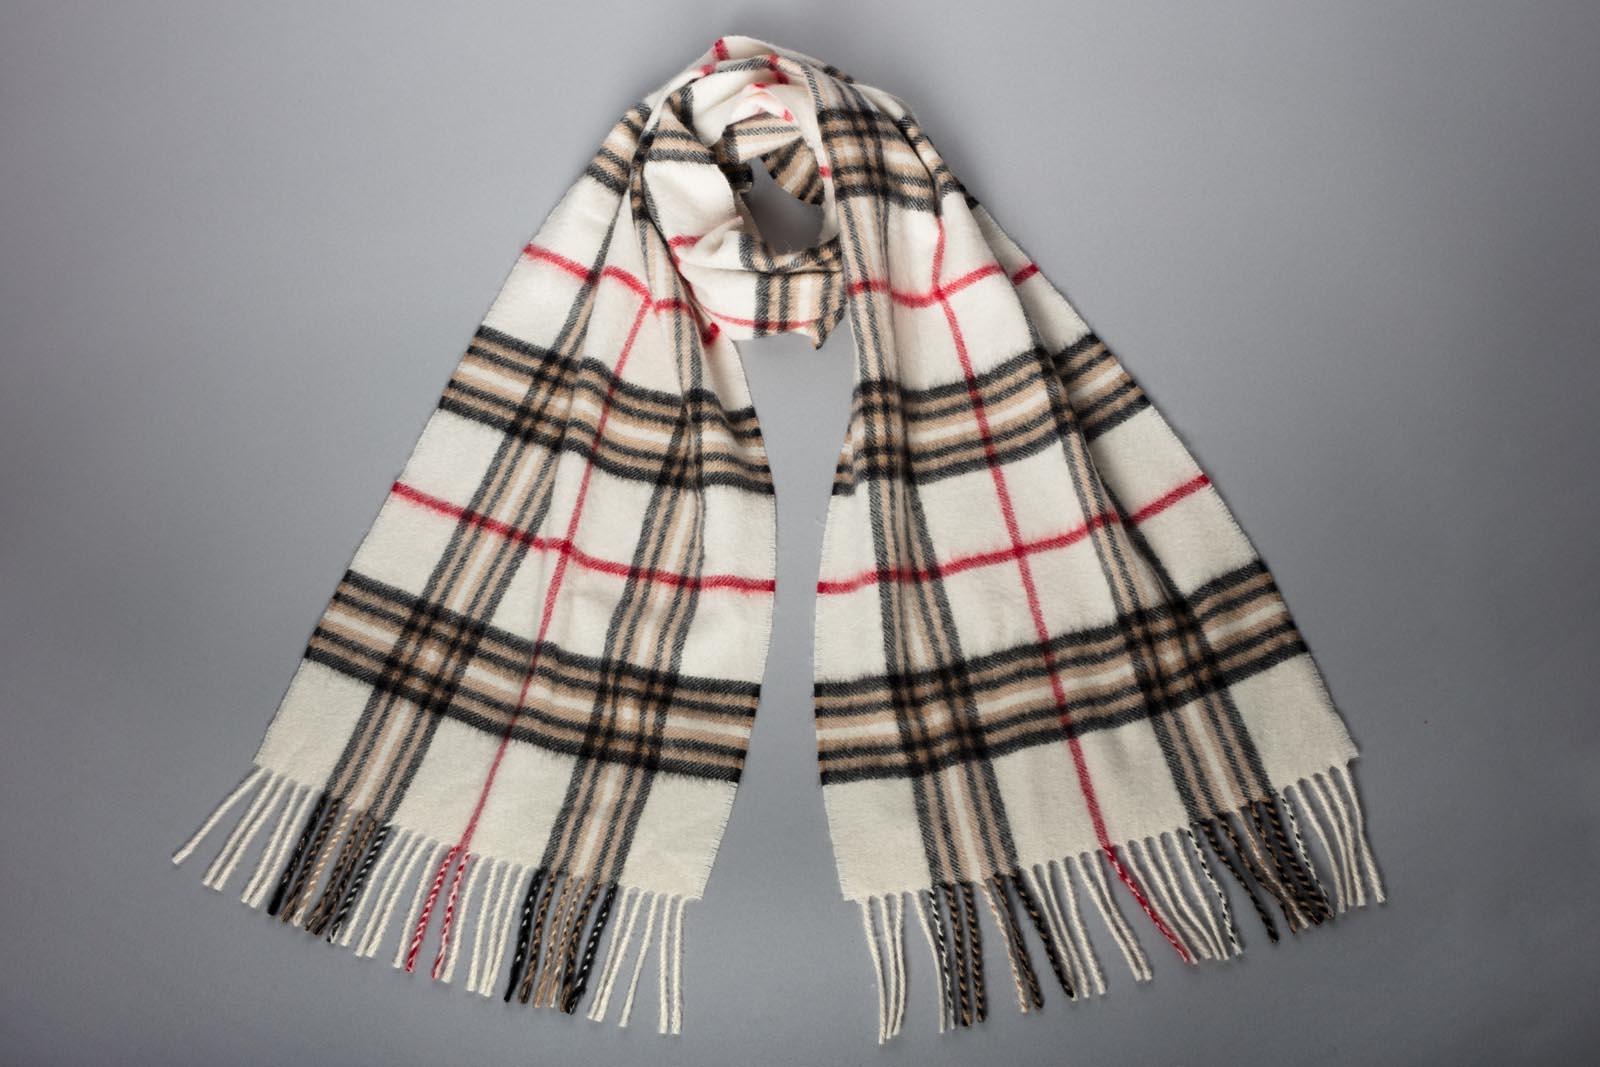 A scarf. Is it men's or women's?